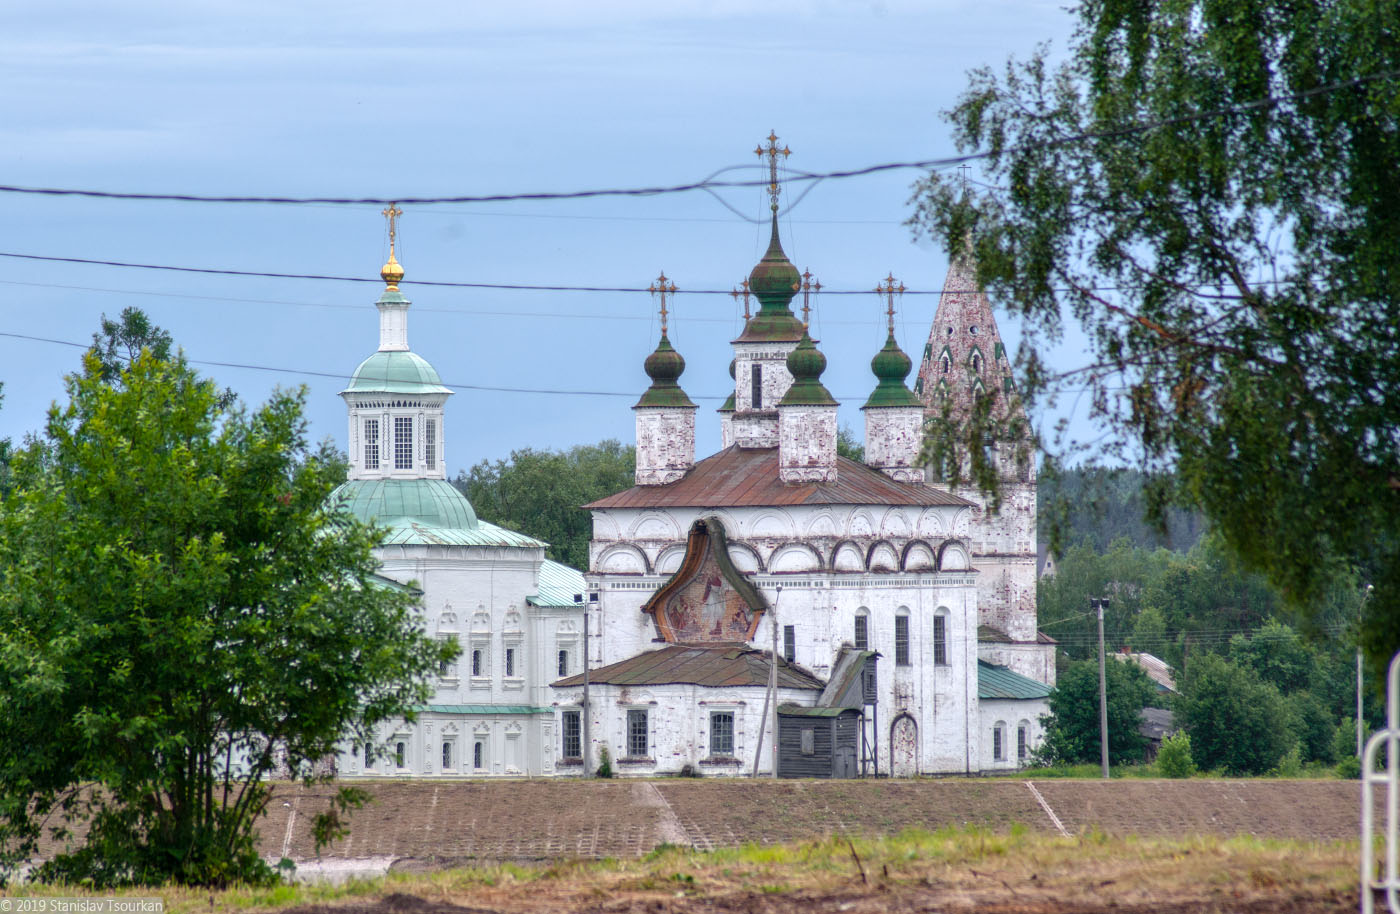 Вологодская область, Вологодчина, Великий устюг, Русский север, Дымково, Сергиевская церковь, Димитриевская церковь